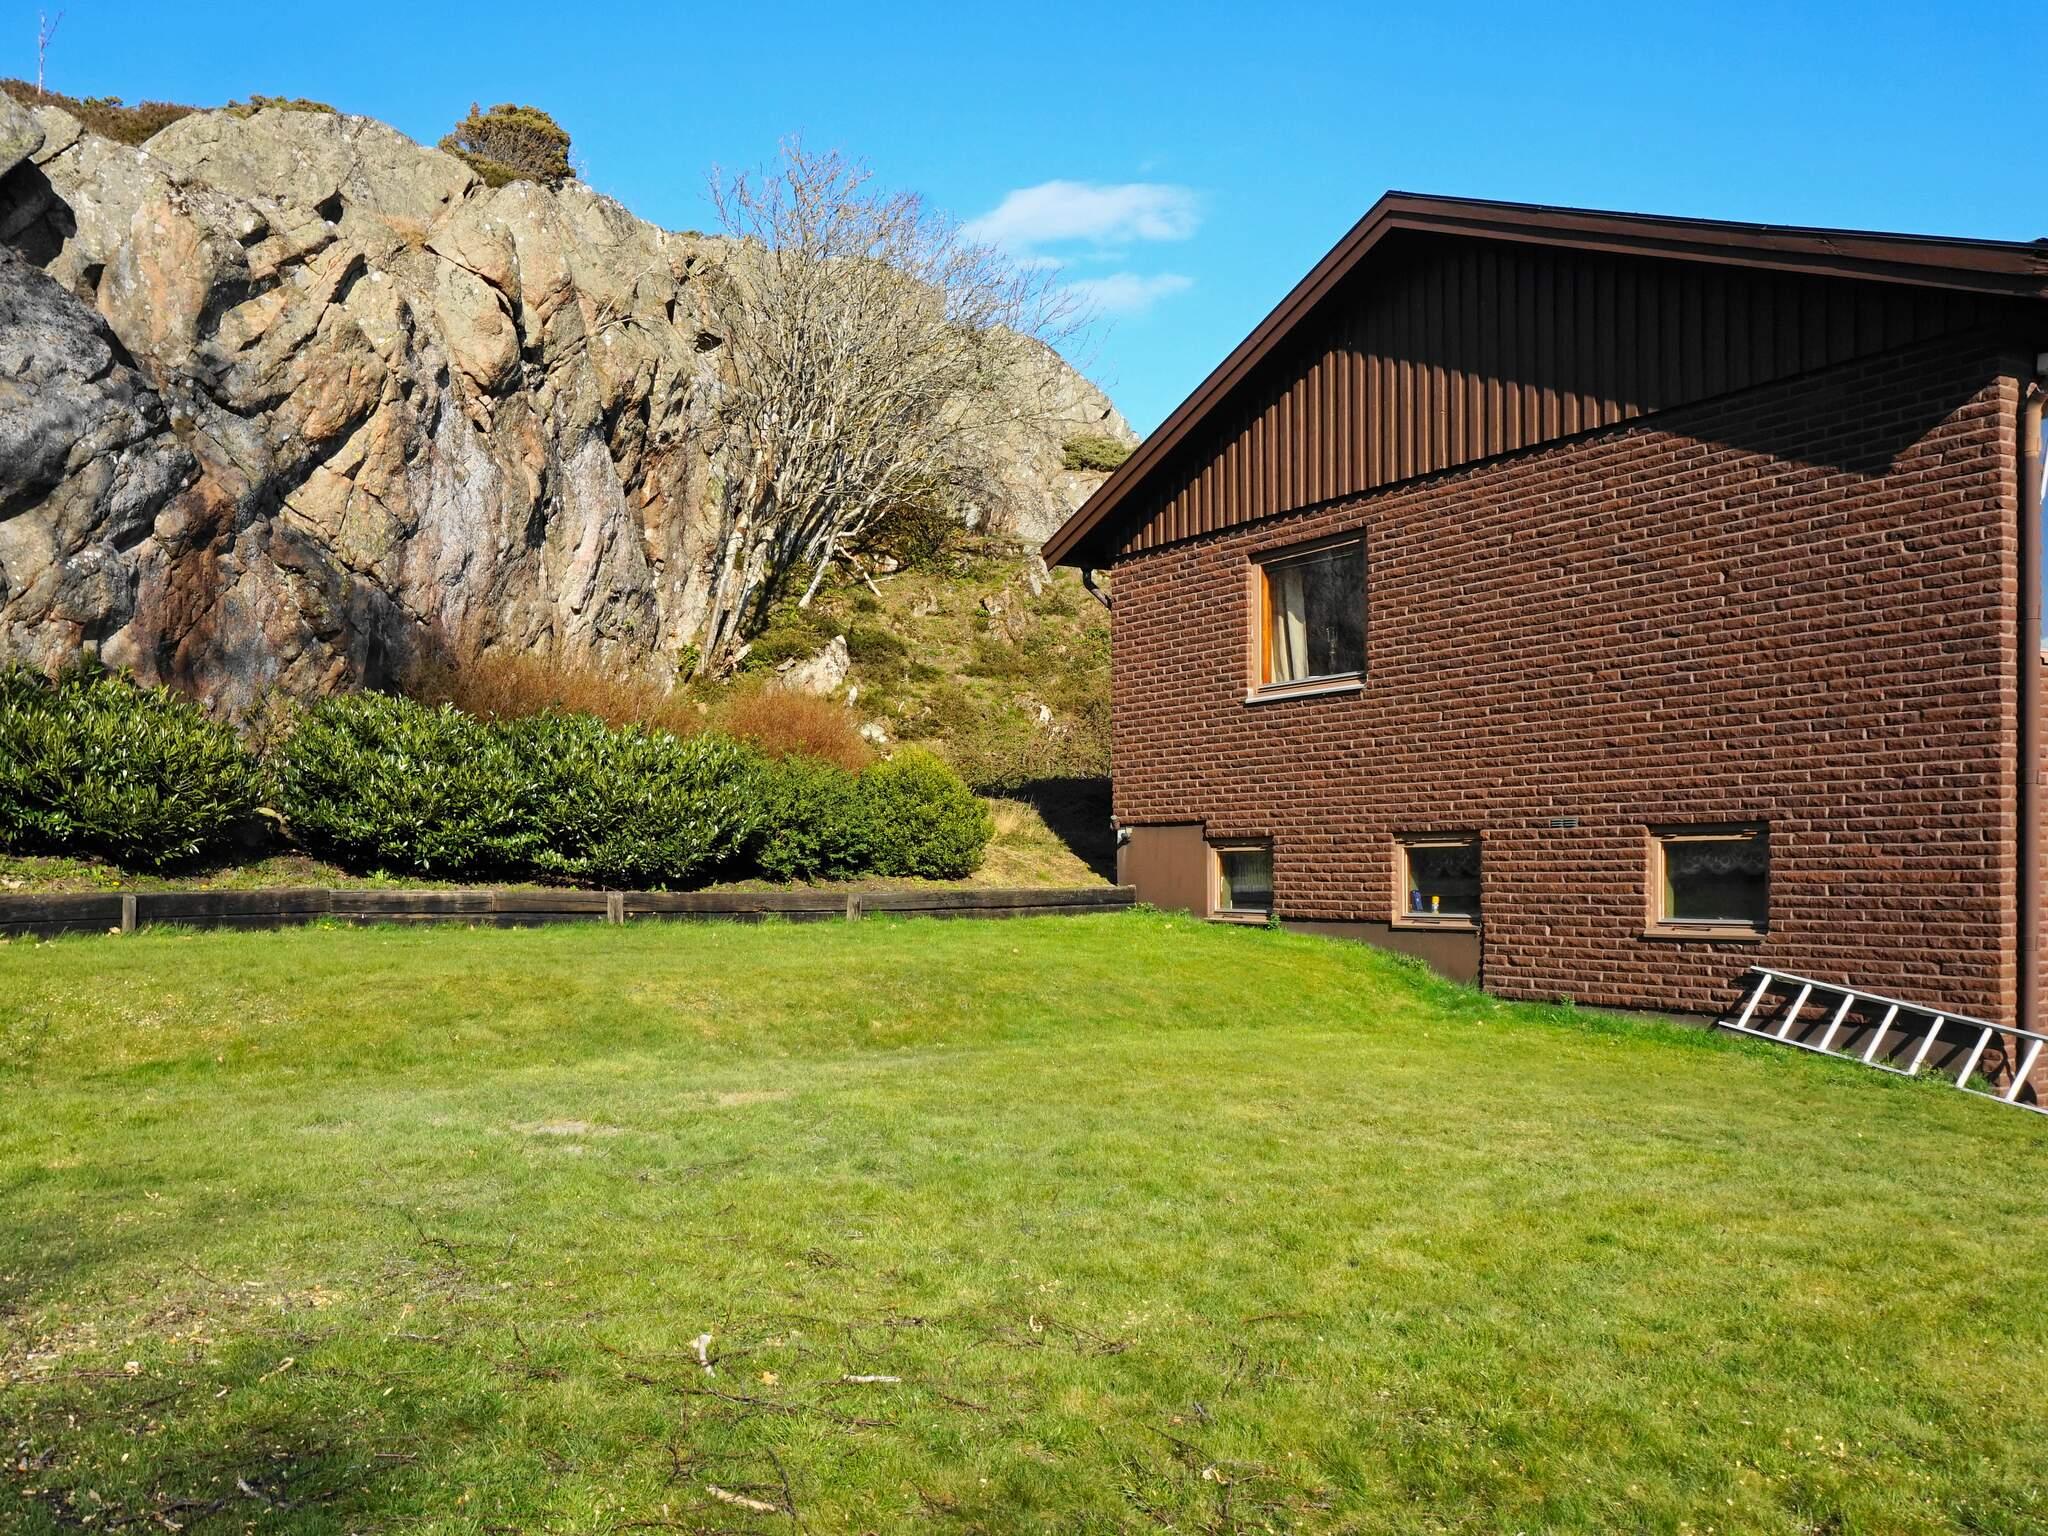 Ferienhaus Tjörn/Rönnäng (2611474), Rönnäng, Tjörn, Westschweden, Schweden, Bild 13